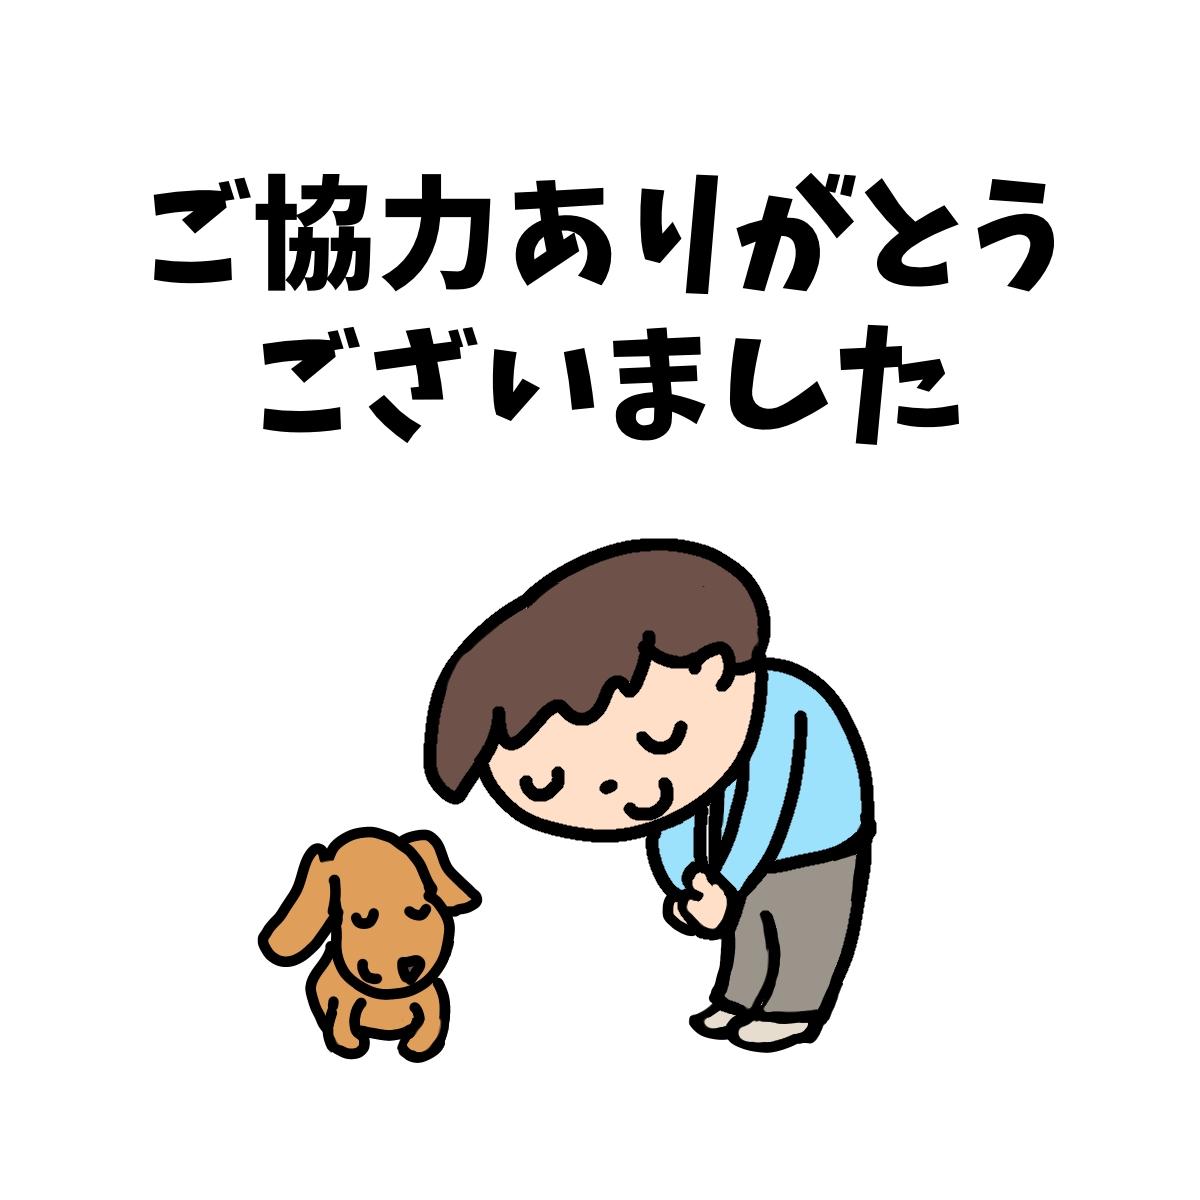 ご協力いただきありがとうございました